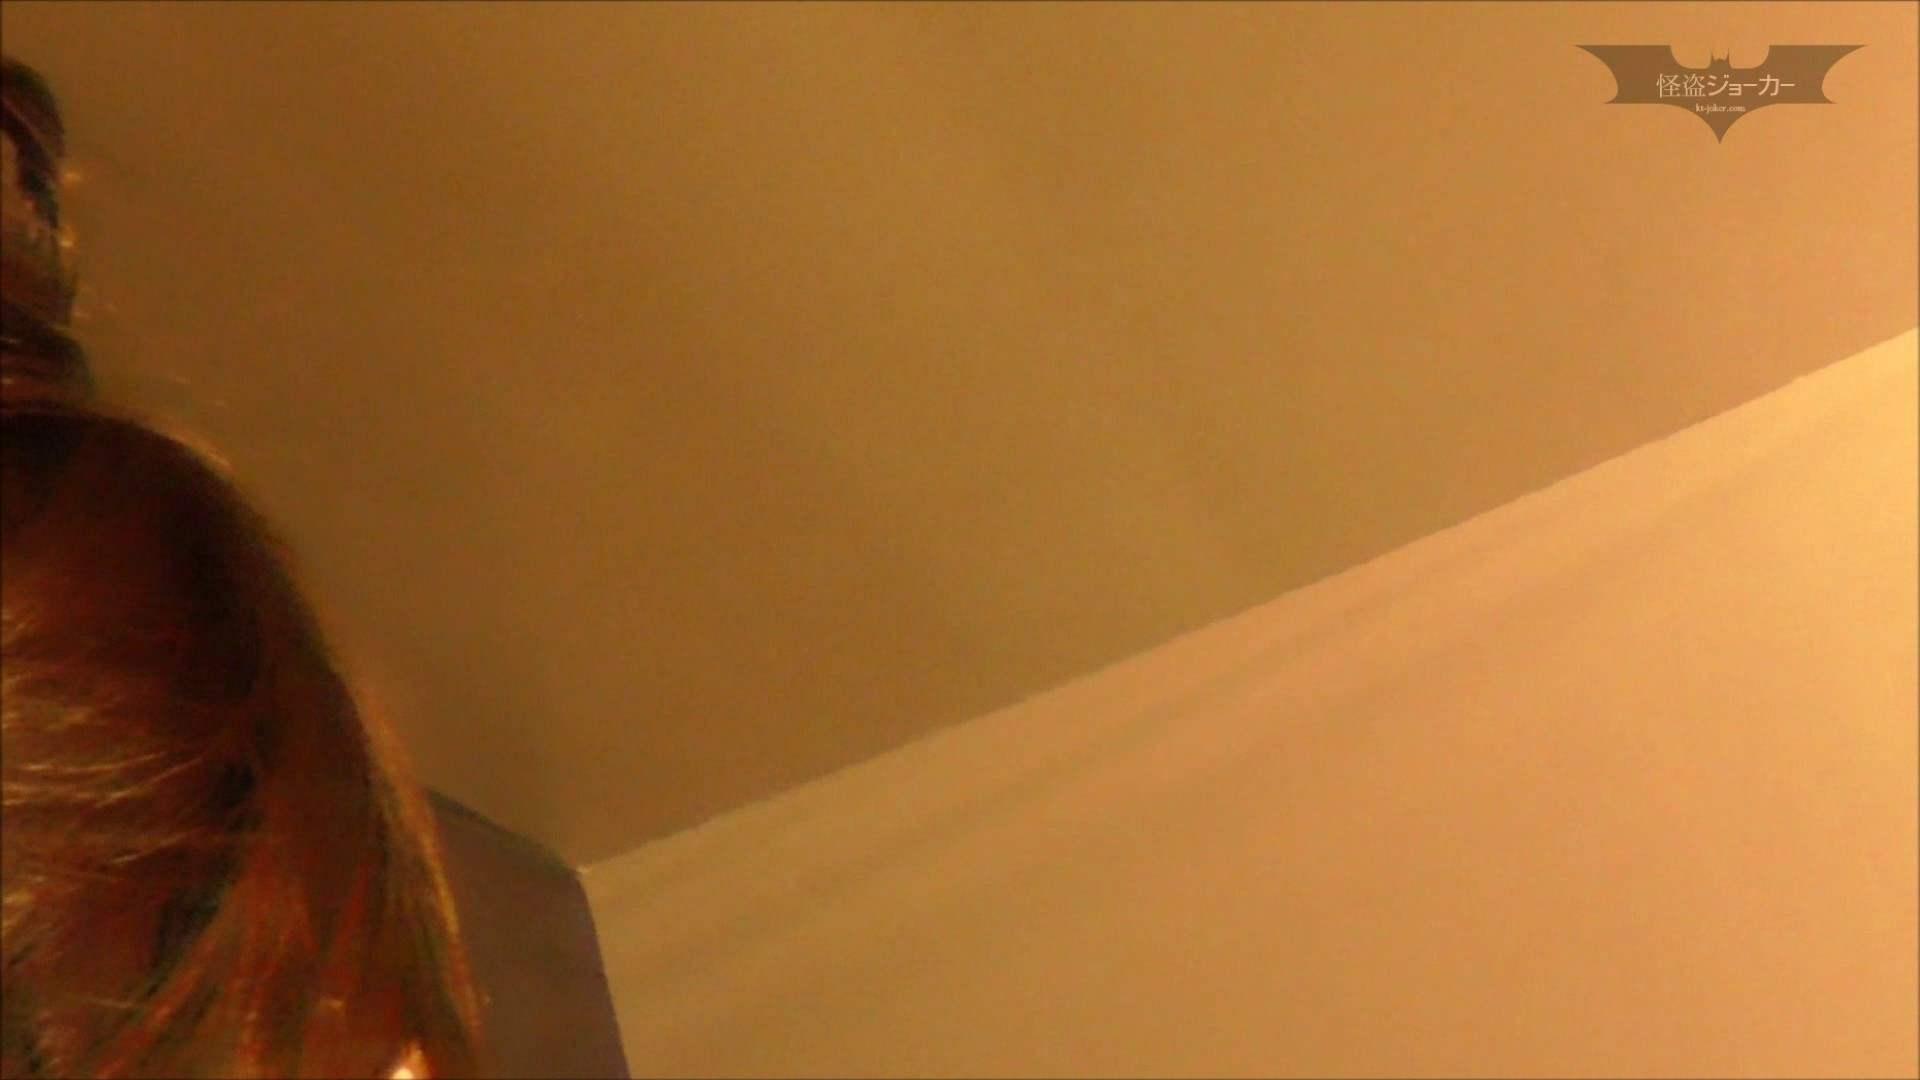 悪戯ネットカフェ Vol.06 若目狙って魔法でGO!! 悪戯 おまんこ動画流出 101画像 64